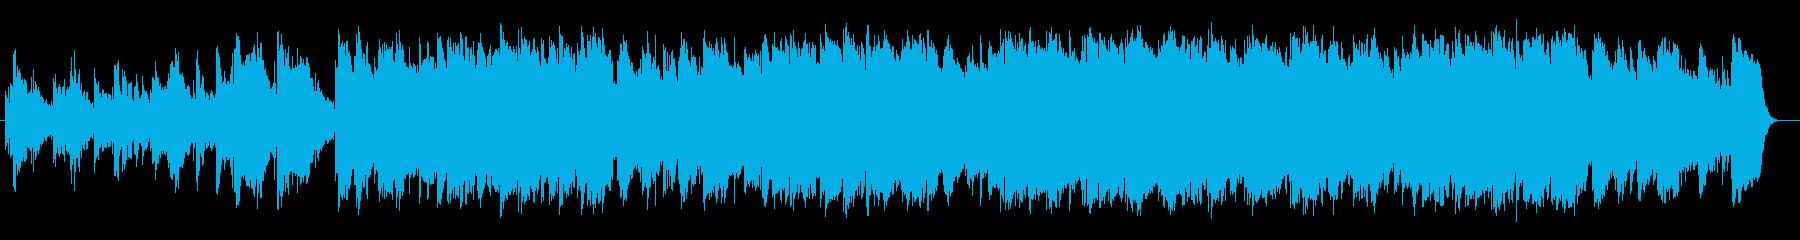 ゆったりと心温まる雰囲気のBGMの再生済みの波形